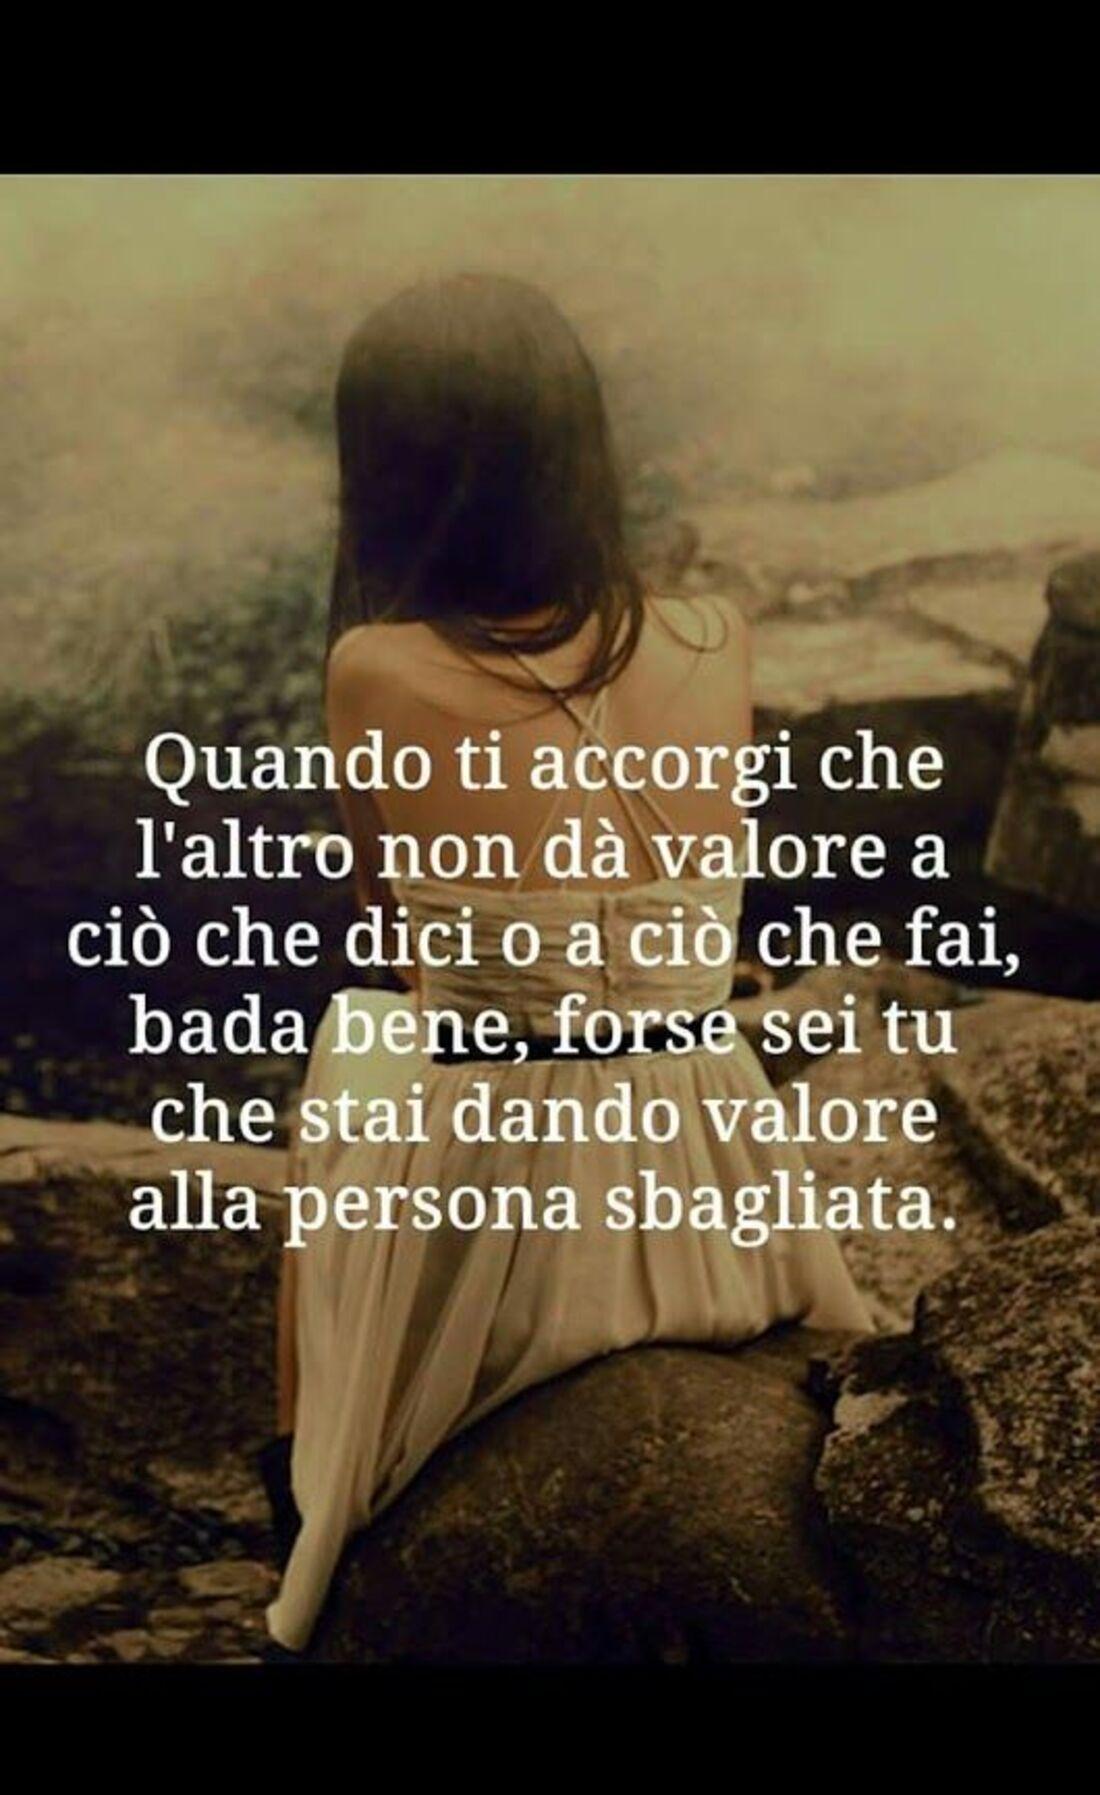 Quando ti accorgi che l'altro non dà valore a ciò che dici o ciò che fai, bada bene, forse sei tu che stai dando valore alla persona sbagliata